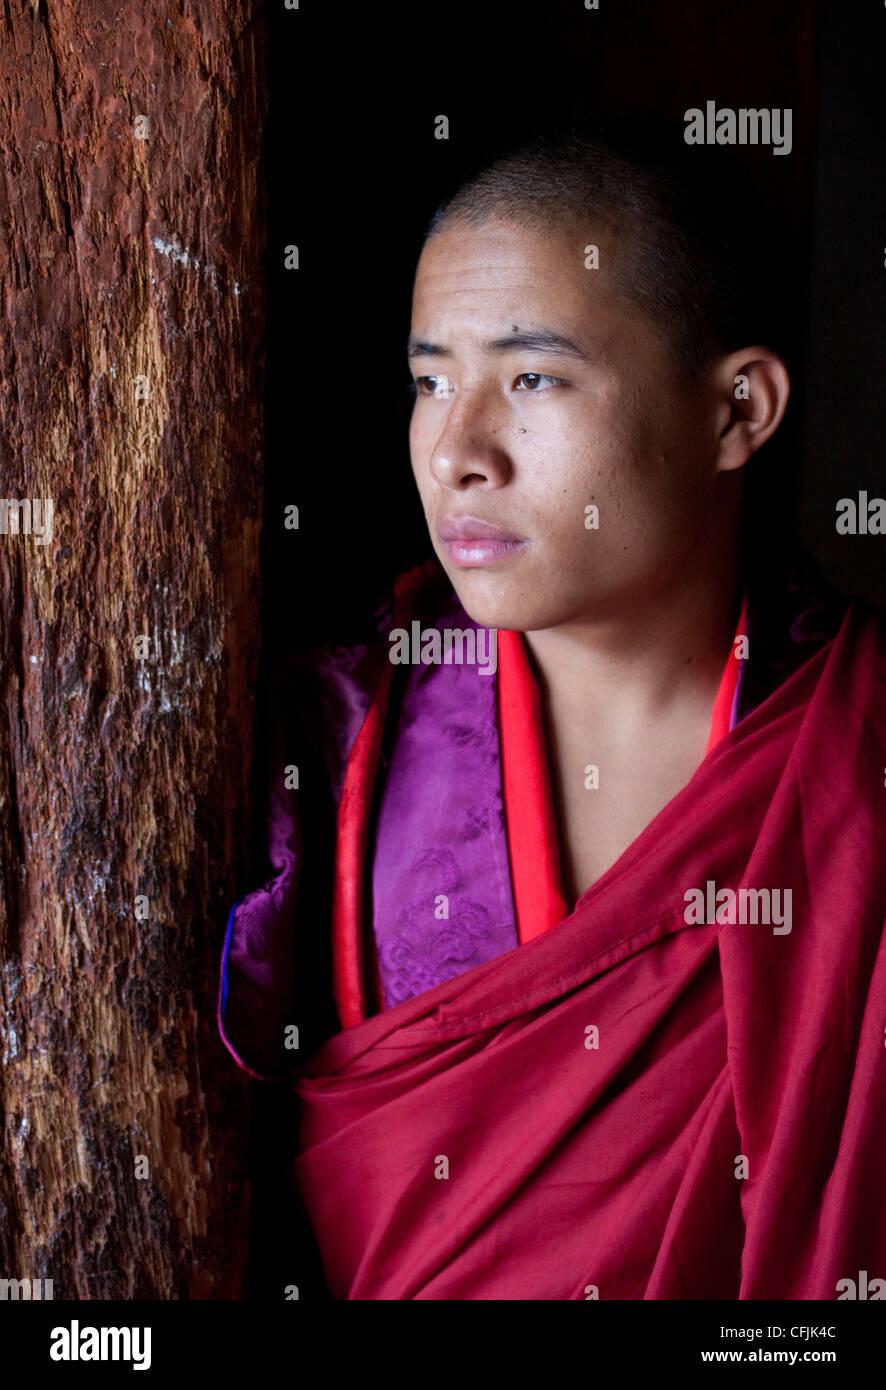 Young Buddhist monk, Wangdue Phodrang (Wangdi), Bhutan, Asia - Stock Image